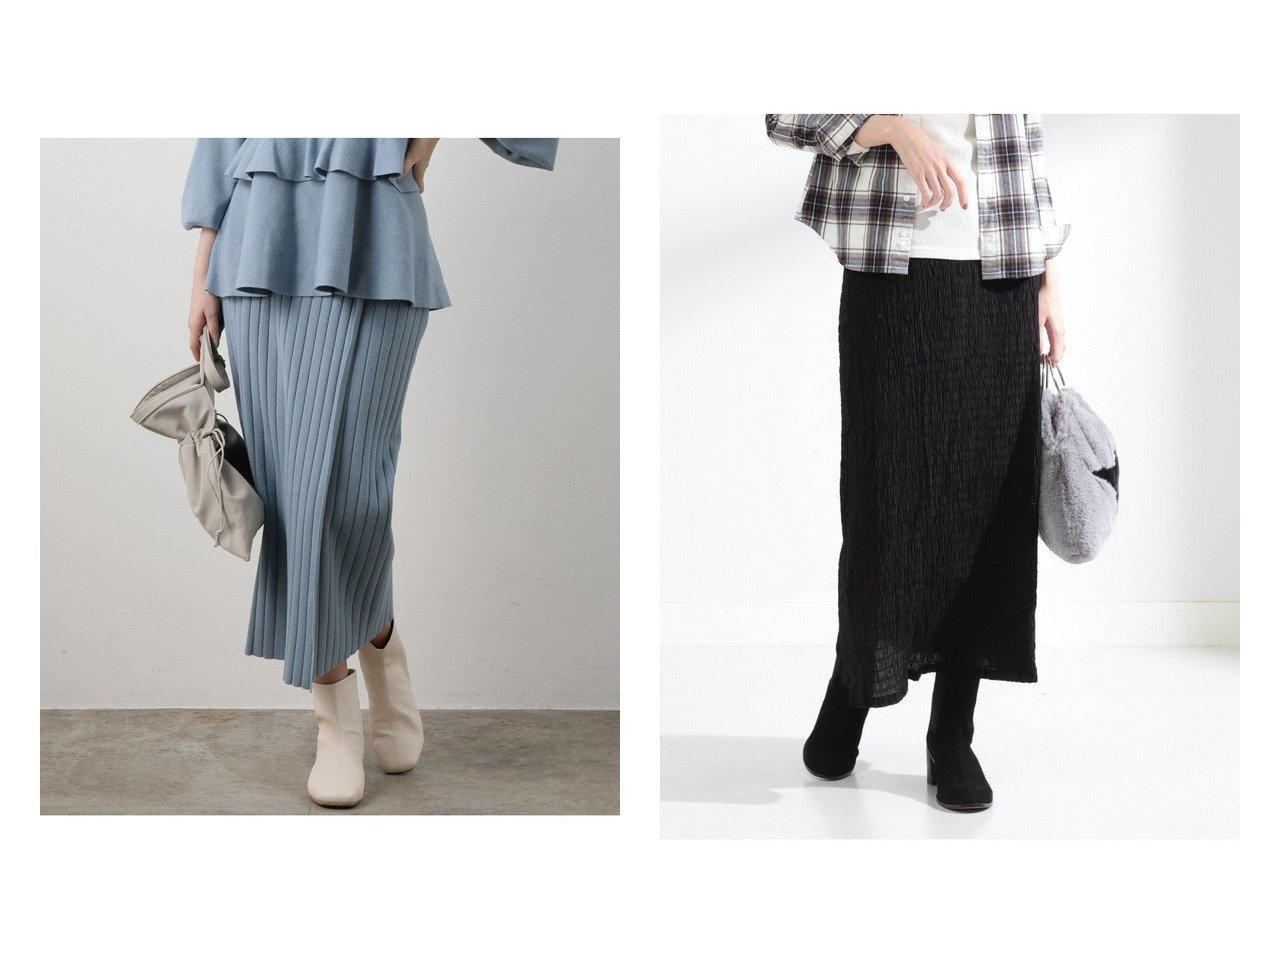 【Ray BEAMS/レイ ビームス】のシャーリング マキシスカート&【VIS/ビス】の【WEB限定】【セットアップ対応】シルエットスッキリロングニットスカート スカートのおすすめ!人気、レディースファッションの通販 おすすめで人気のファッション通販商品 インテリア・家具・キッズファッション・メンズファッション・レディースファッション・服の通販 founy(ファニー) https://founy.com/ ファッション Fashion レディース WOMEN セットアップ Setup スカート Skirt スカート Skirt ロングスカート Long Skirt セットアップ シャーリング ベーシック マキシ ロング |ID:crp329100000002713